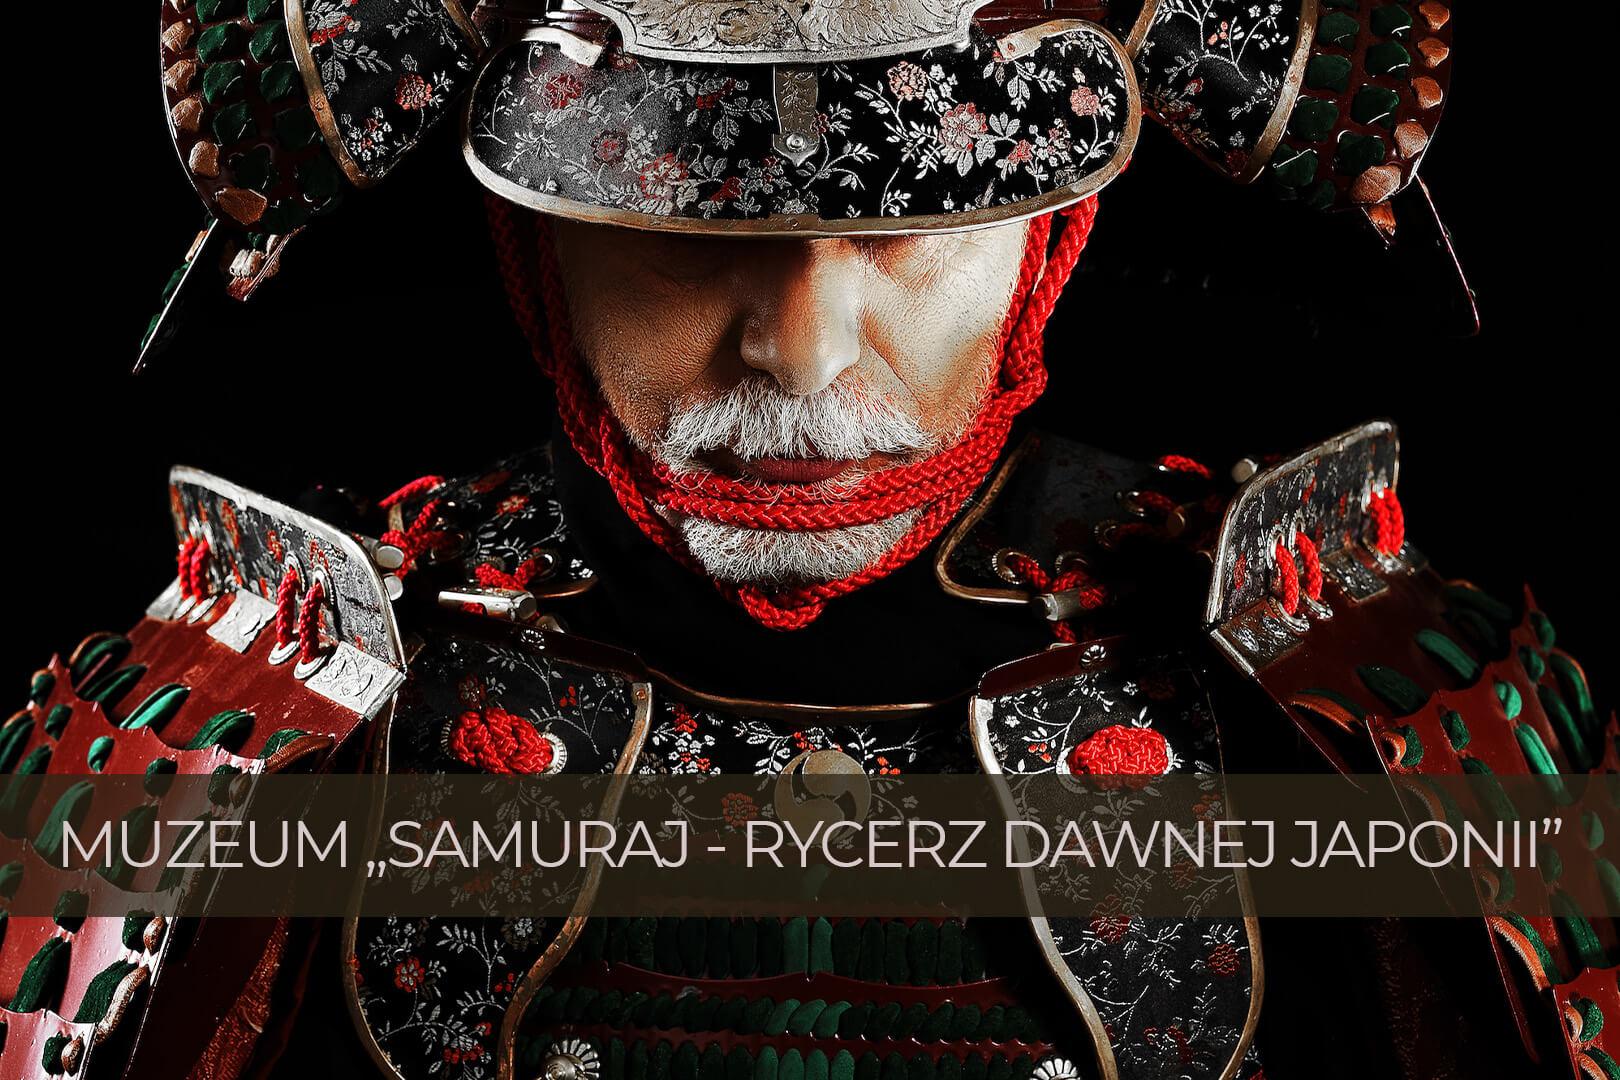 samuraj poprawiony